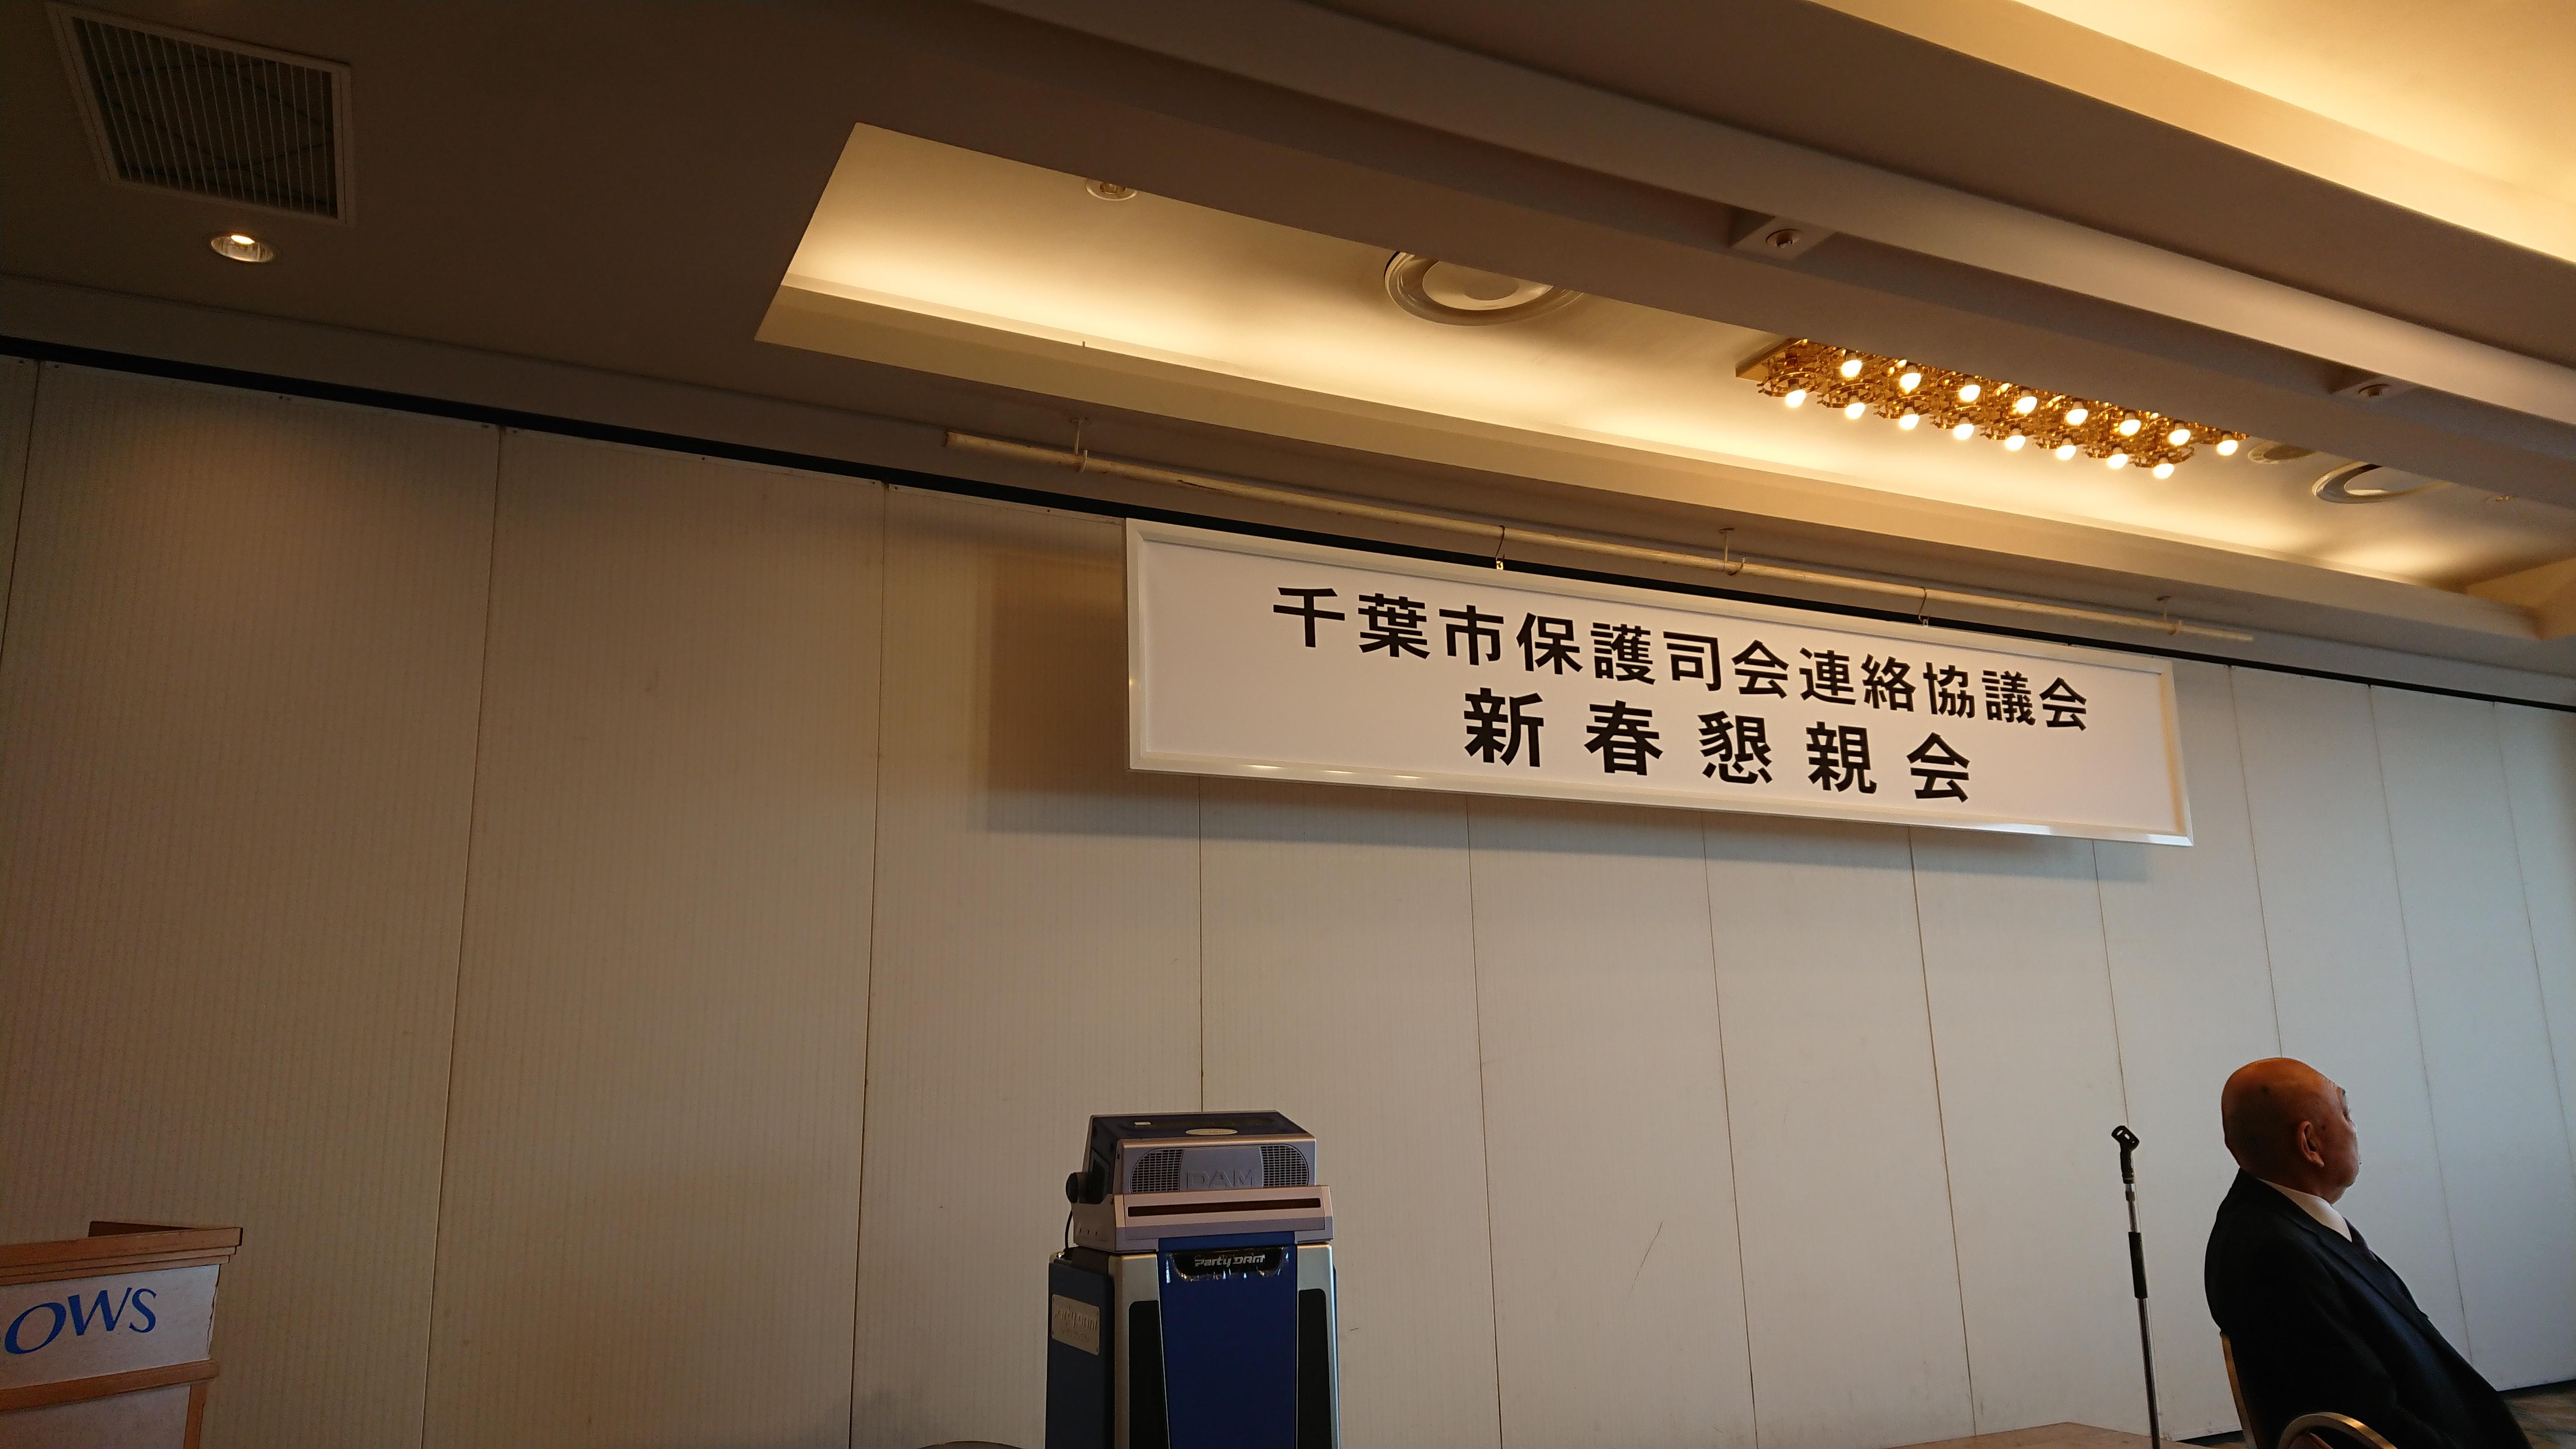 千葉市保護司会新年会✨